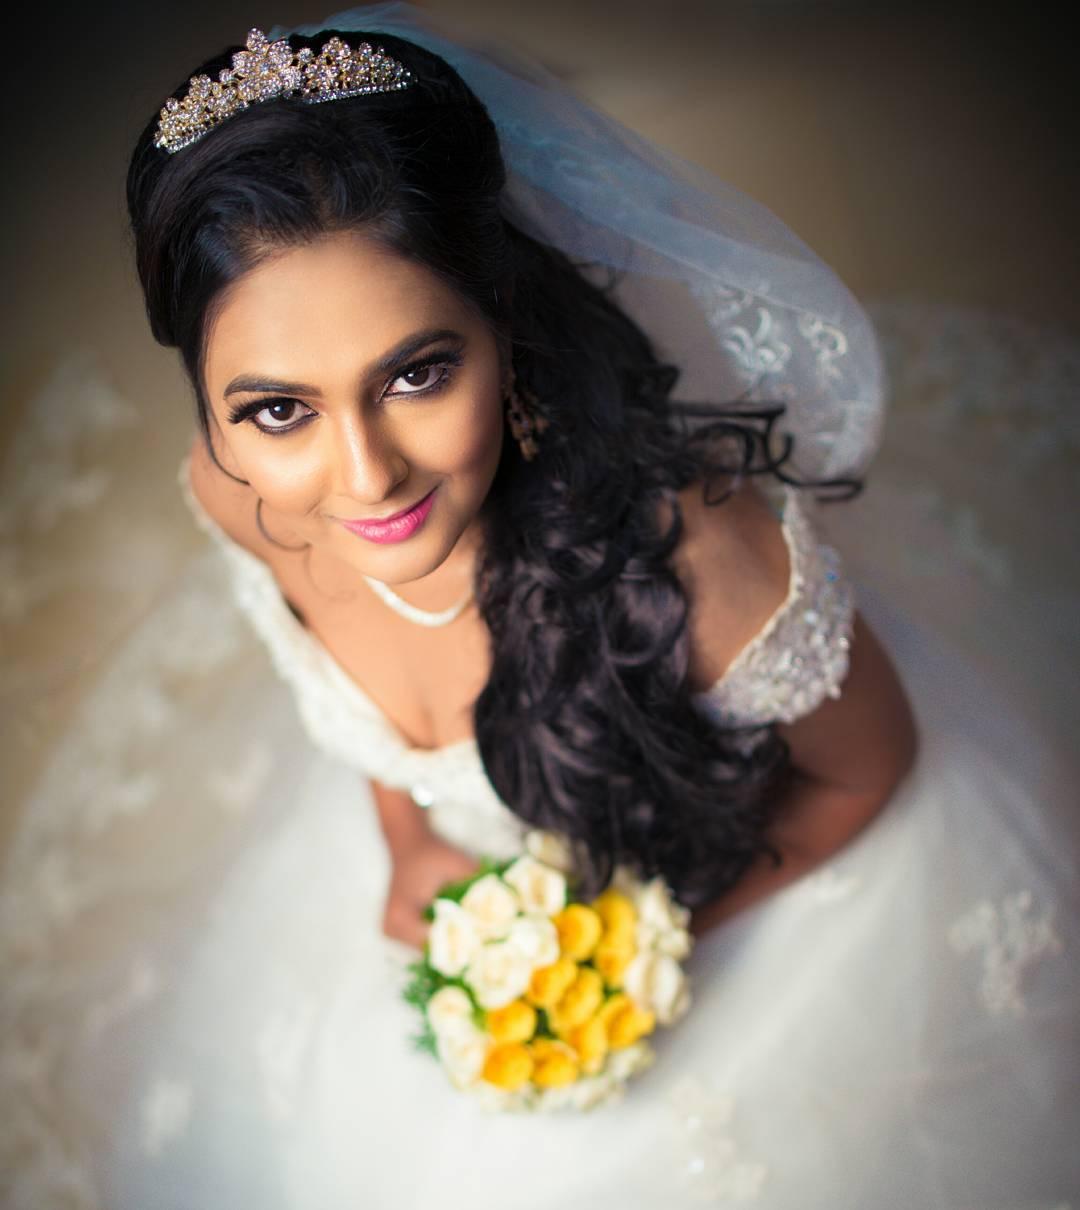 Bride skincare tips